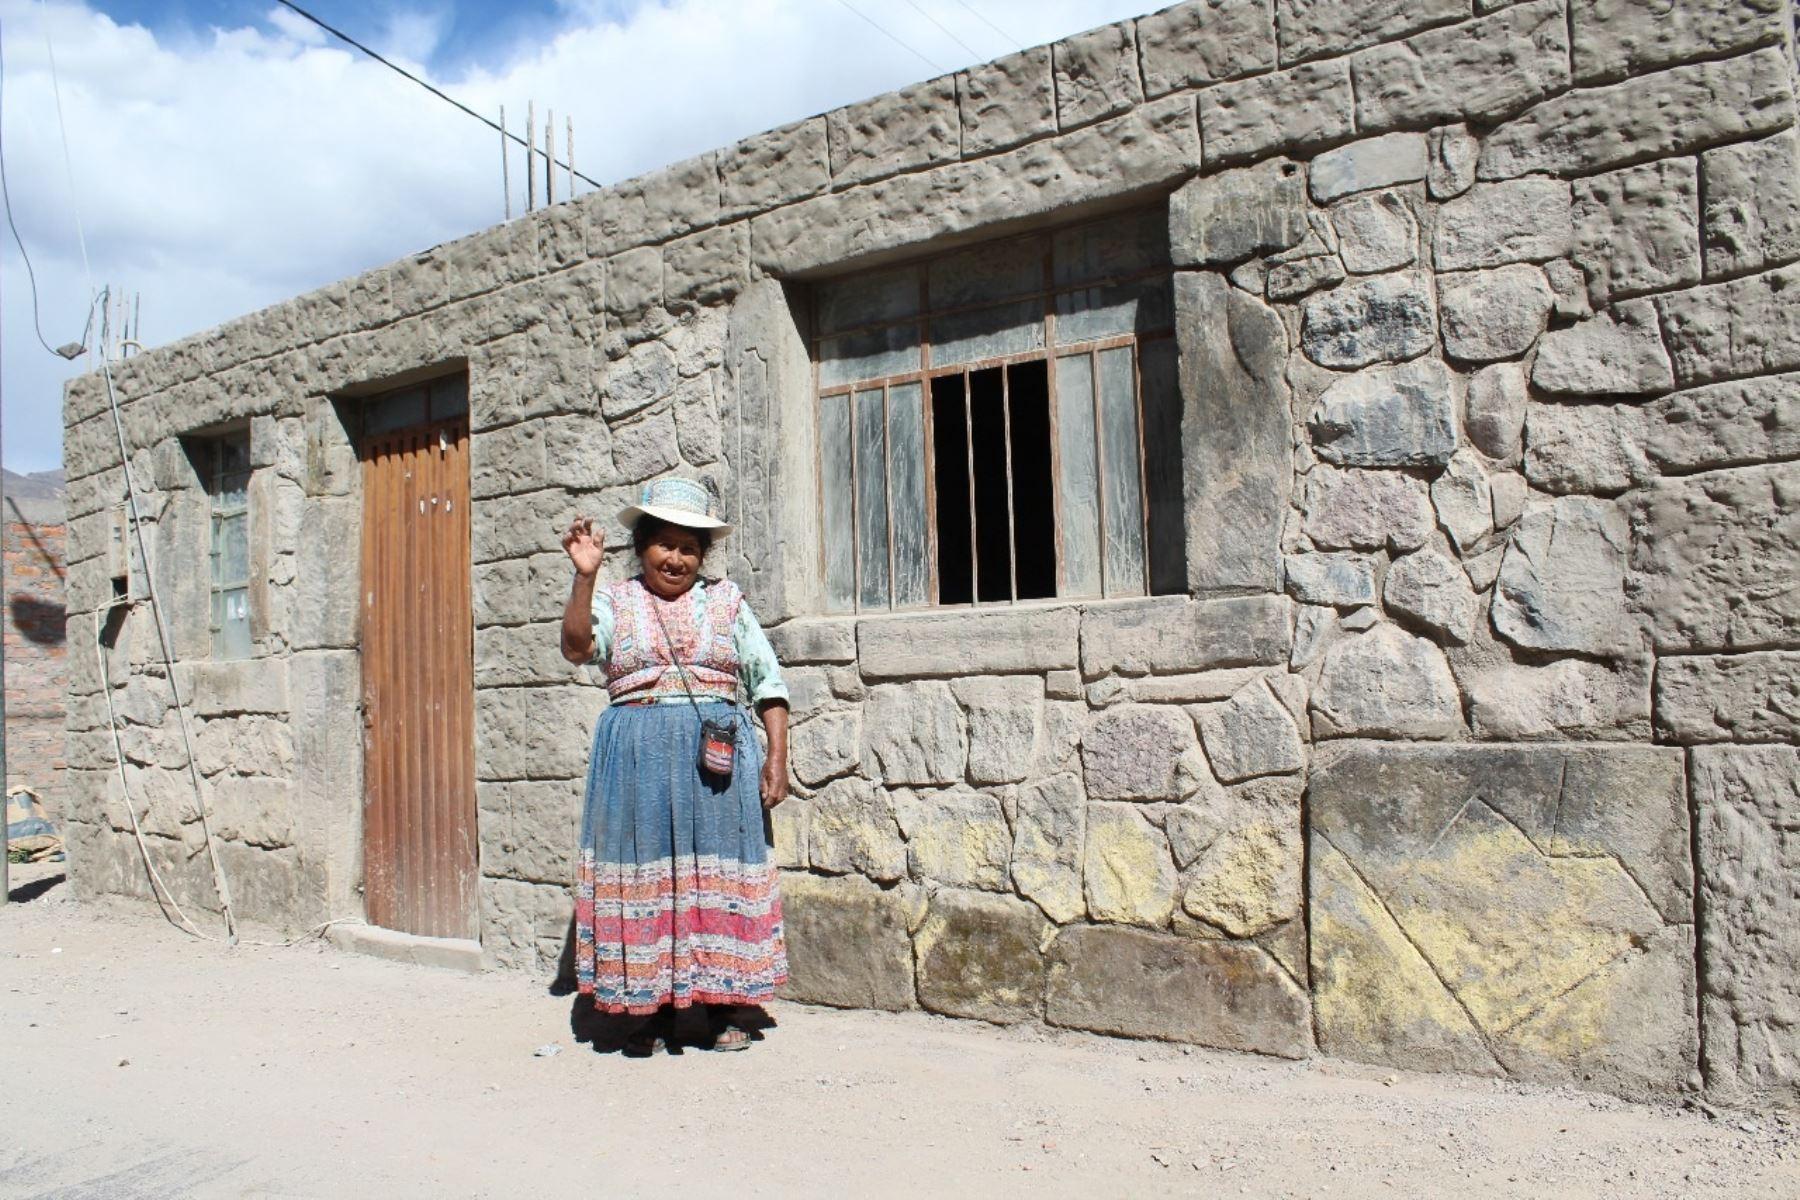 Ministerio de Vivienda demanda cumplimiento de acuerdos para reconstrucción en Caylloma. ANDINA/Difusión